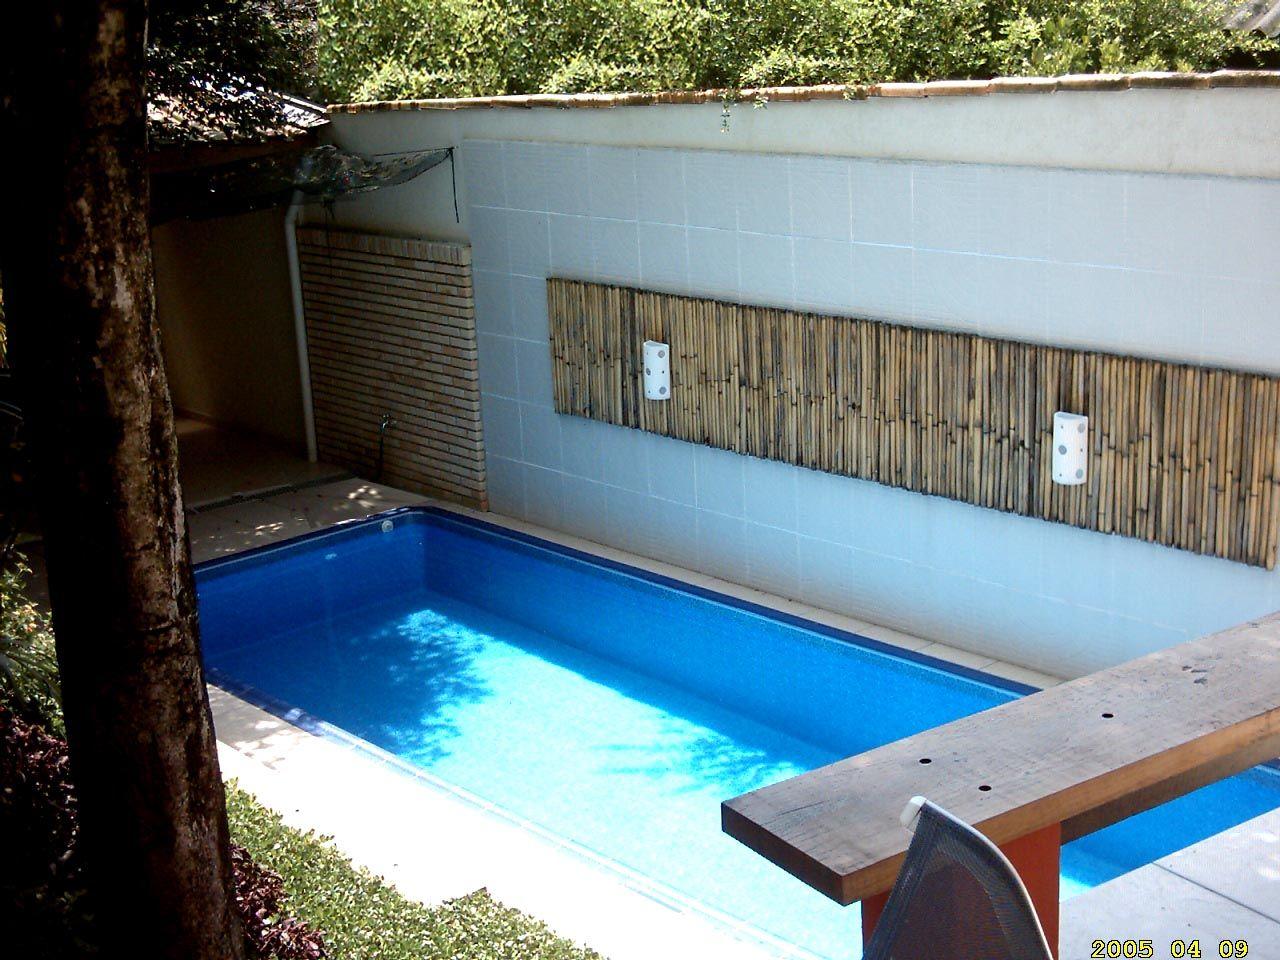 Jardins com piscinas pequenas buscar con google for Piscina pequena desmontable con depuradora